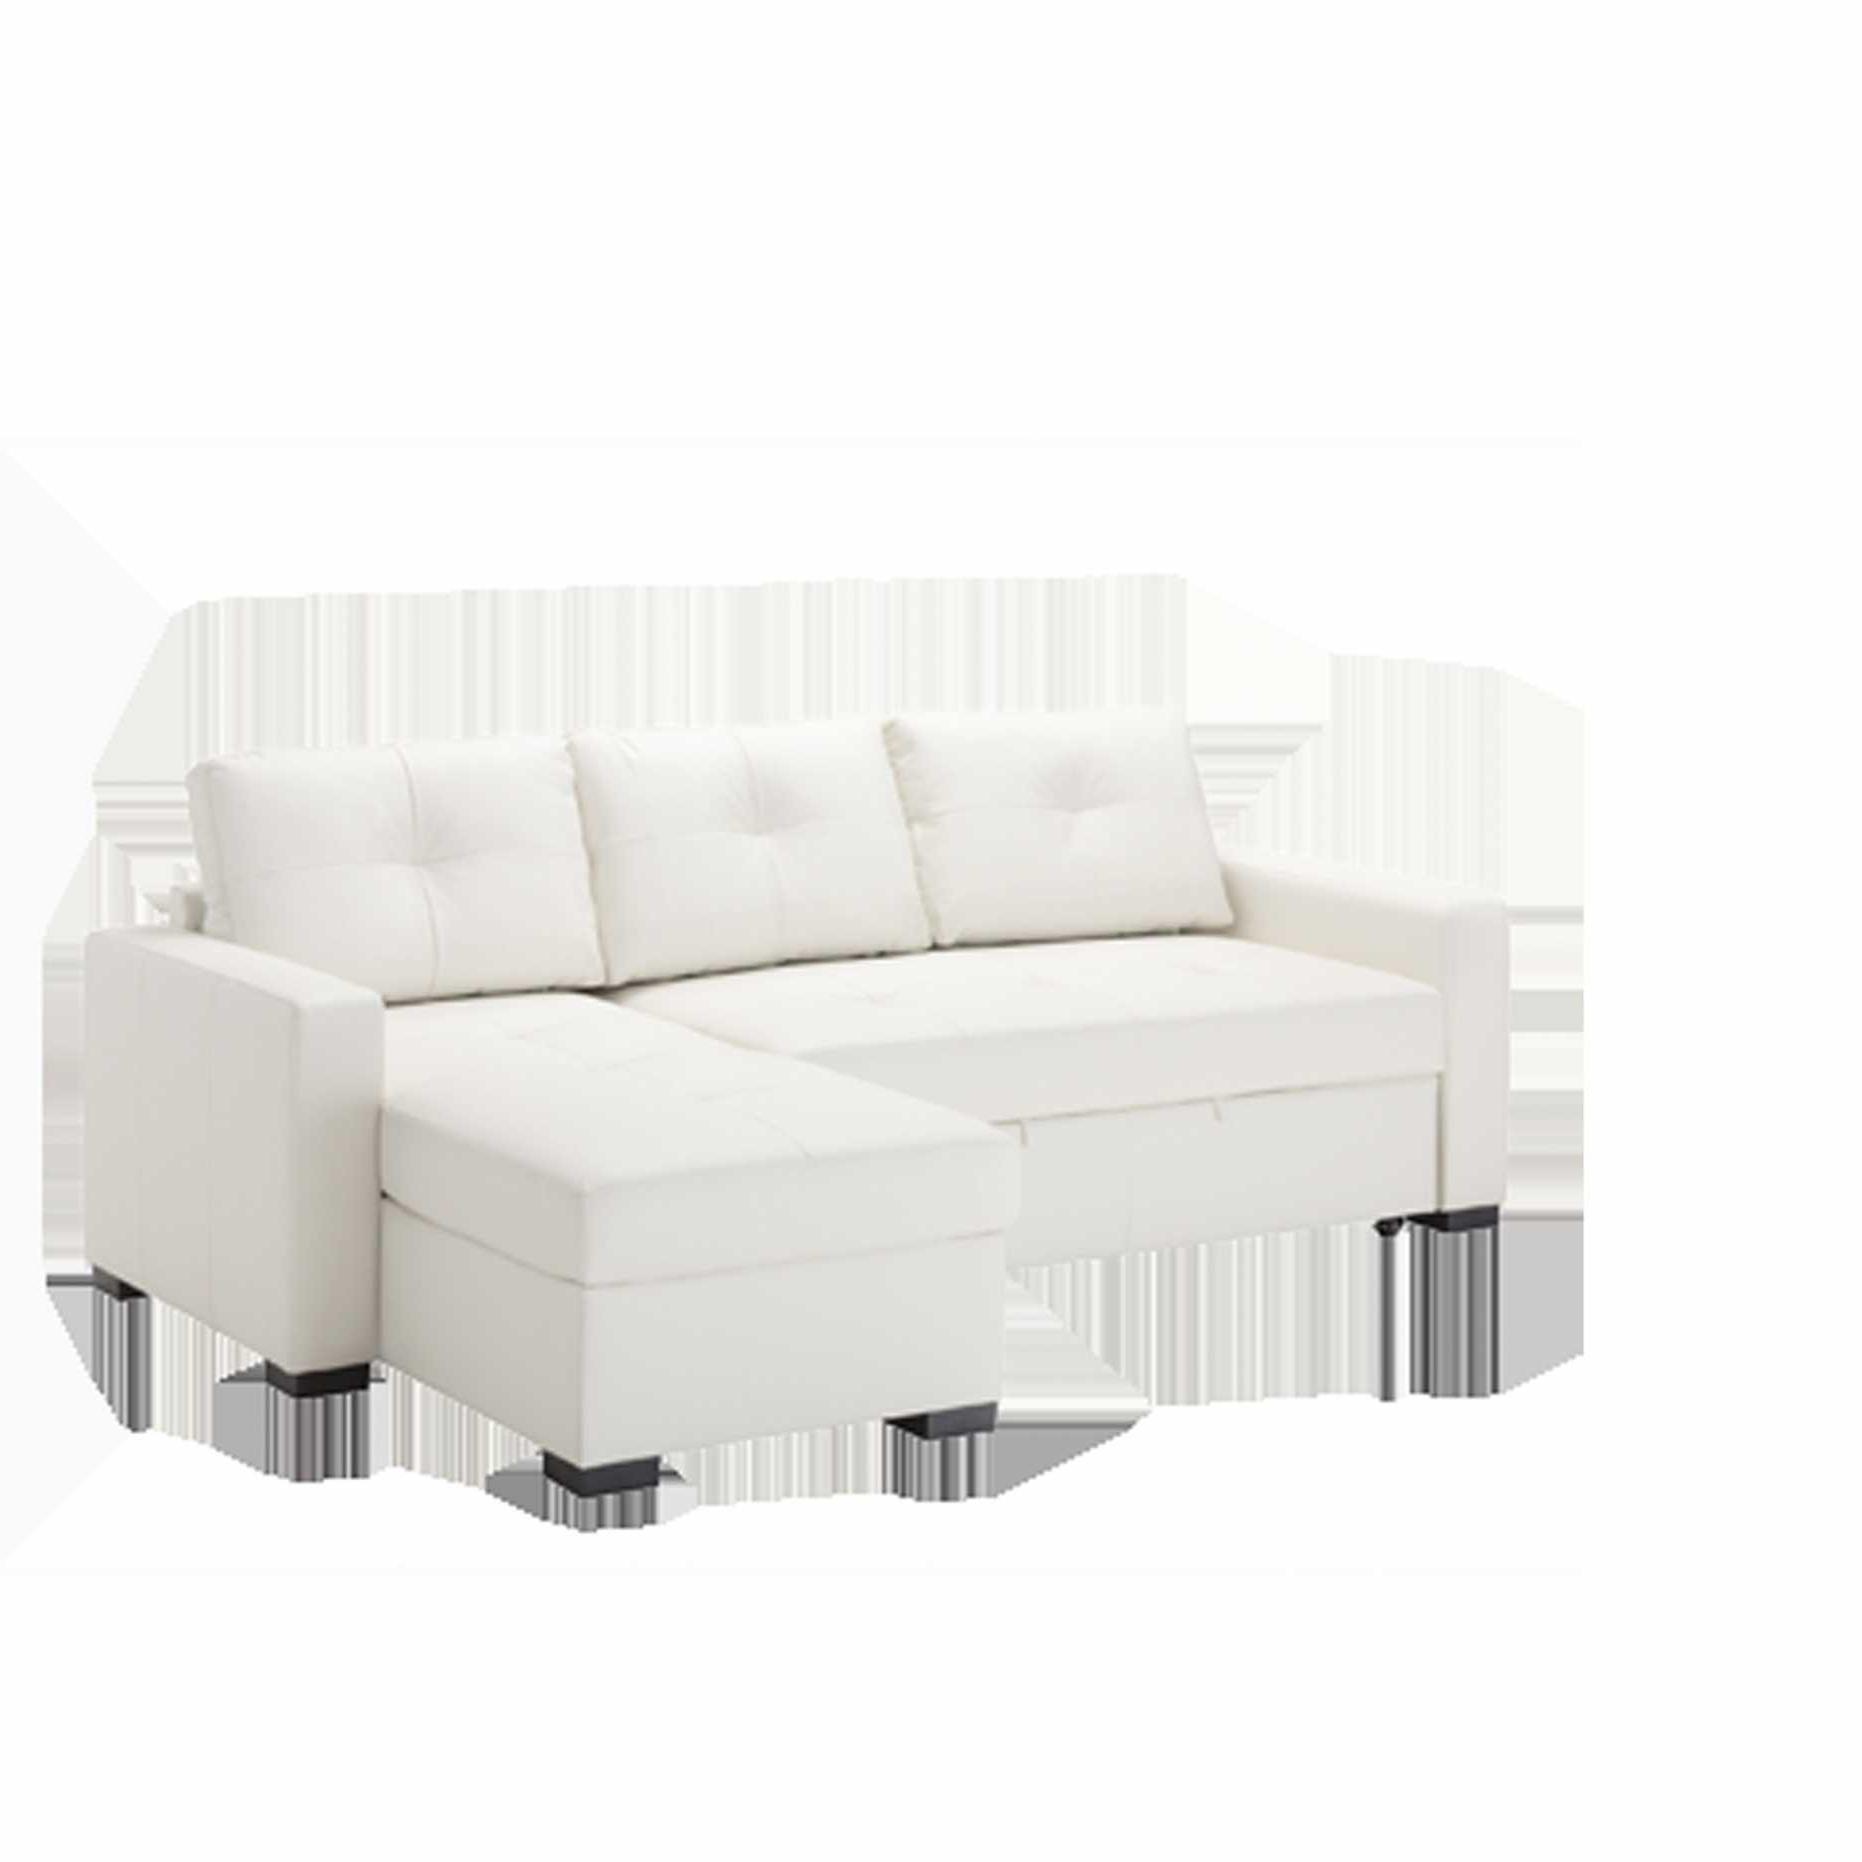 Sofas asturias 9ddf sofa Segunda Mano asturias Good Decoration sofas Segunda Mano